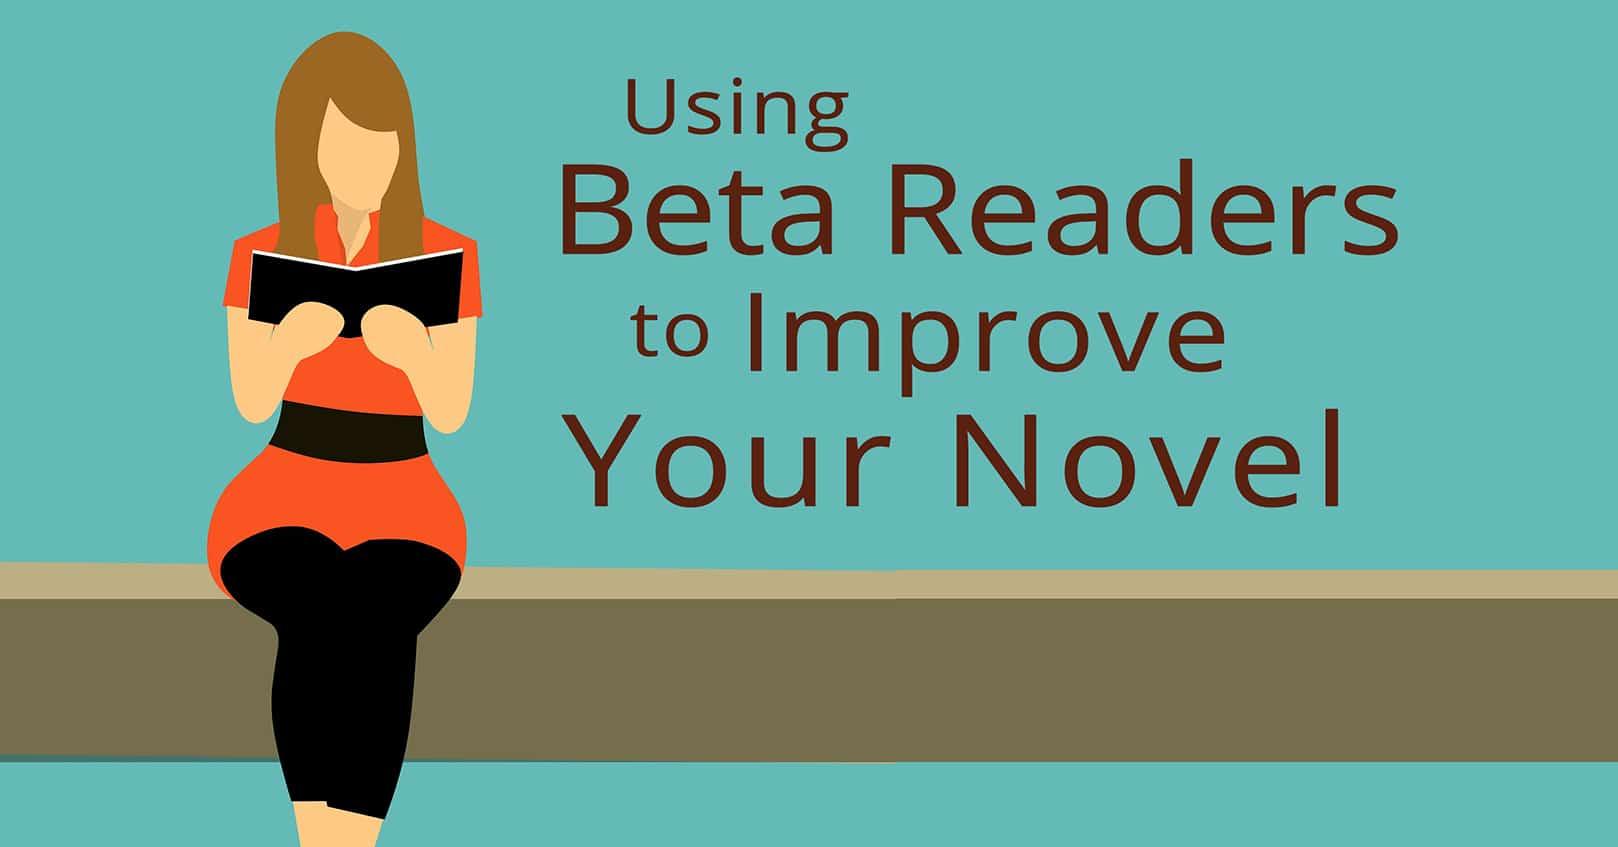 Using beta readers